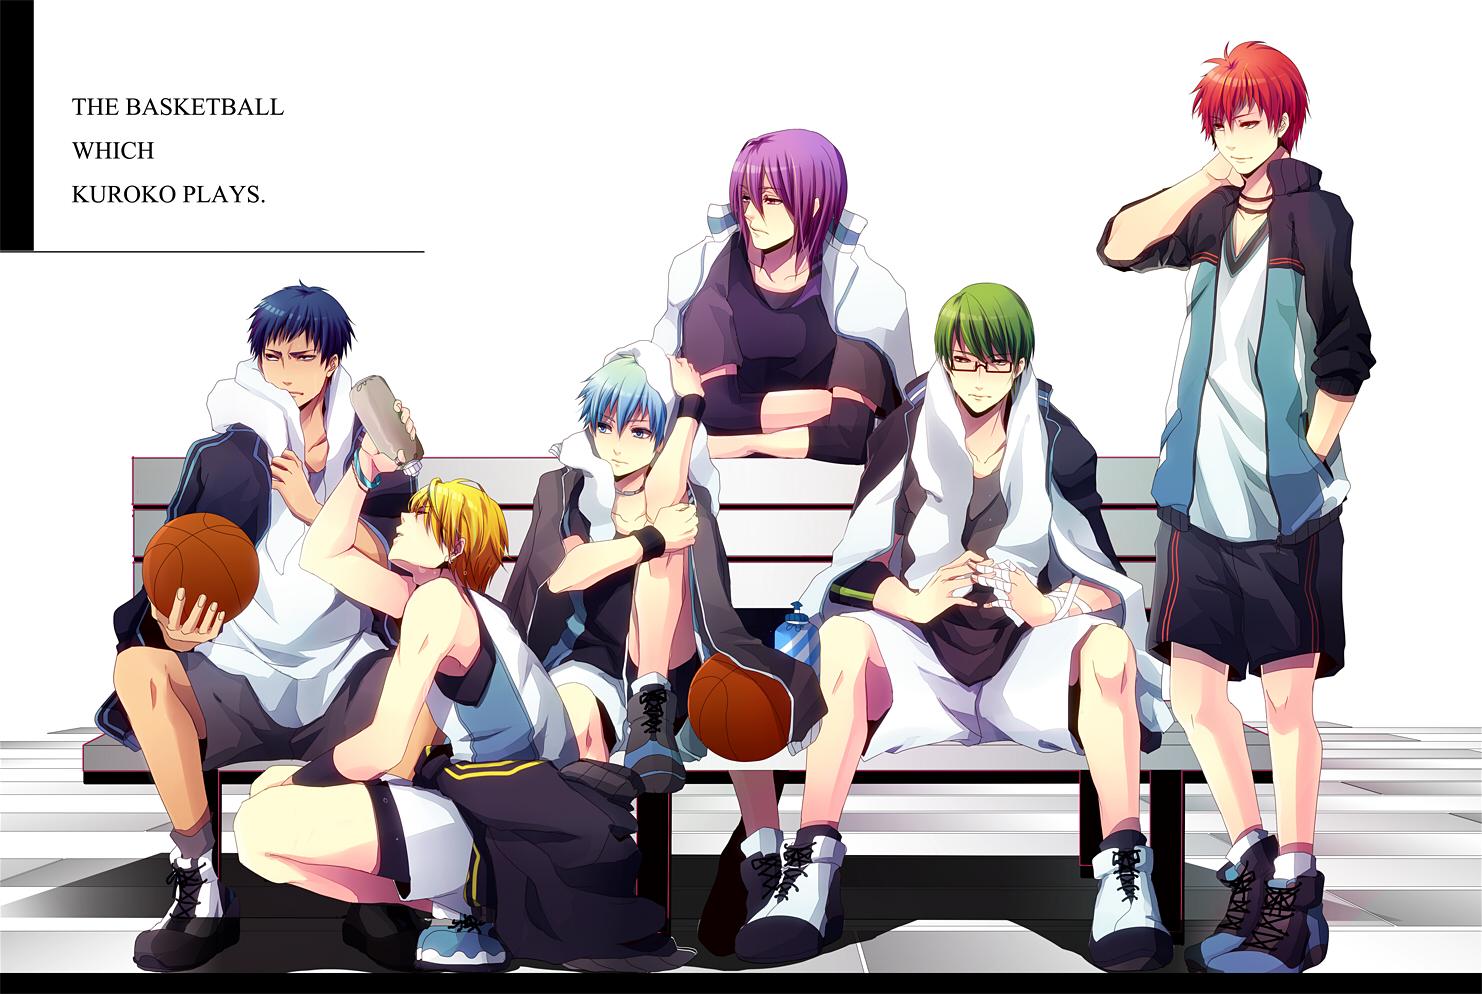 Kuroko No Basuke Generation Of Miracles Anime Basket Ball TeamHD Wallpaper Desktop Background